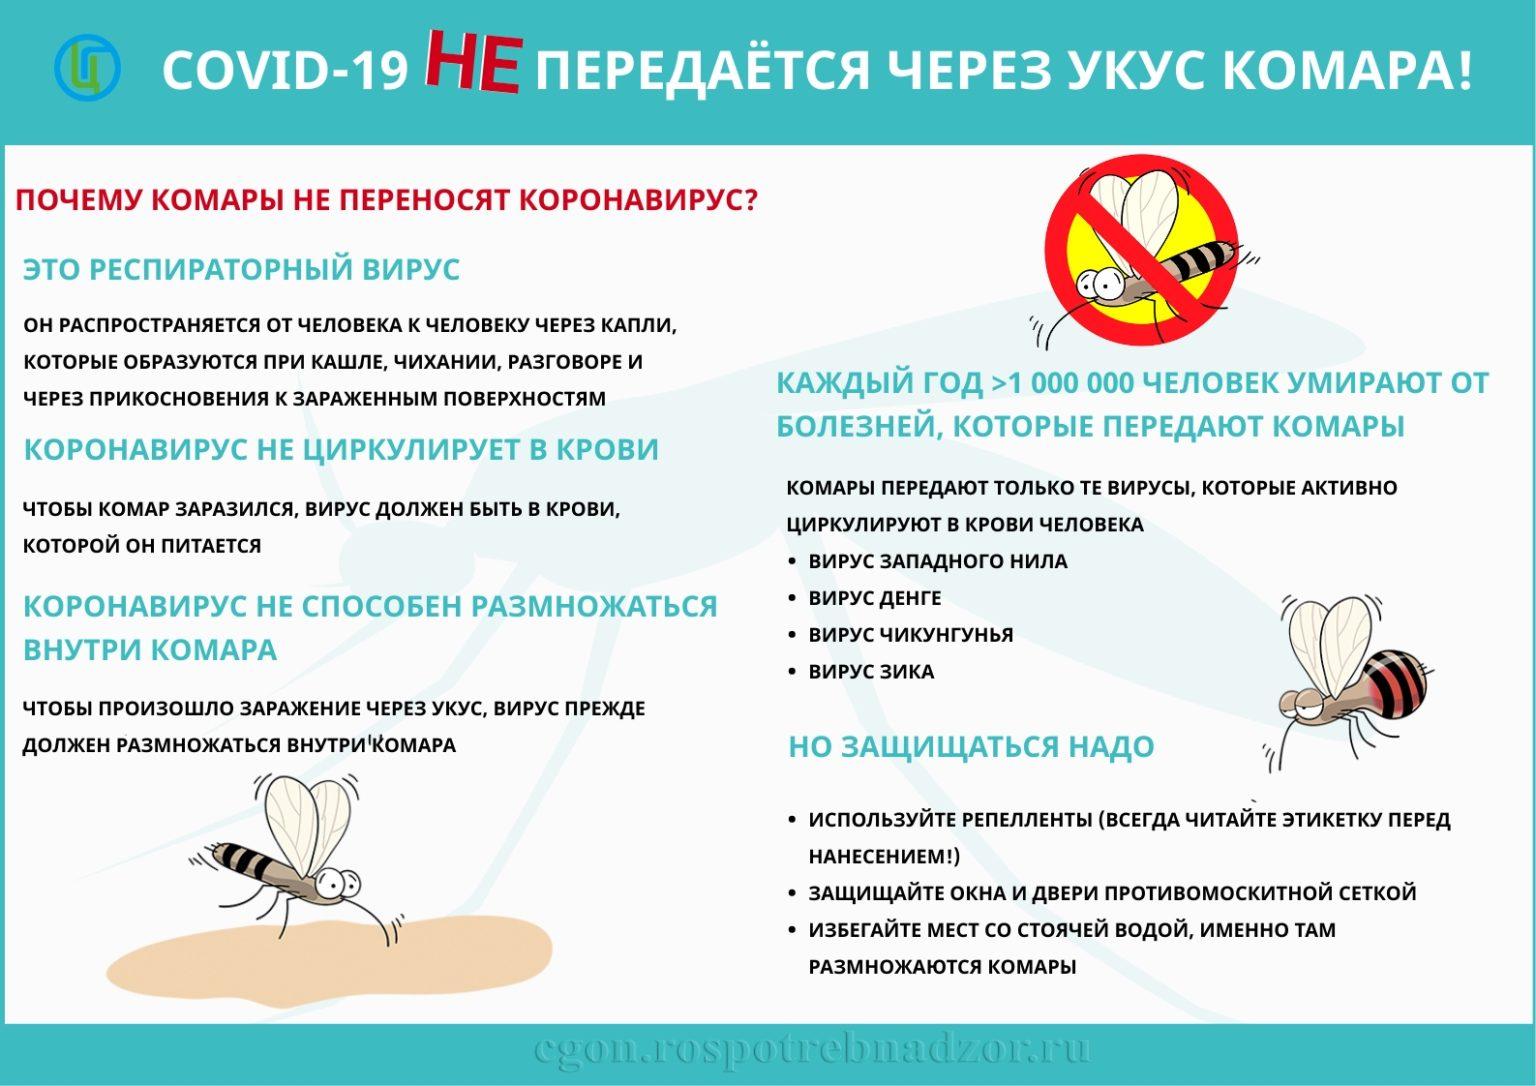 Какие болезни переносят комары, являются ли разносчиками инфекции